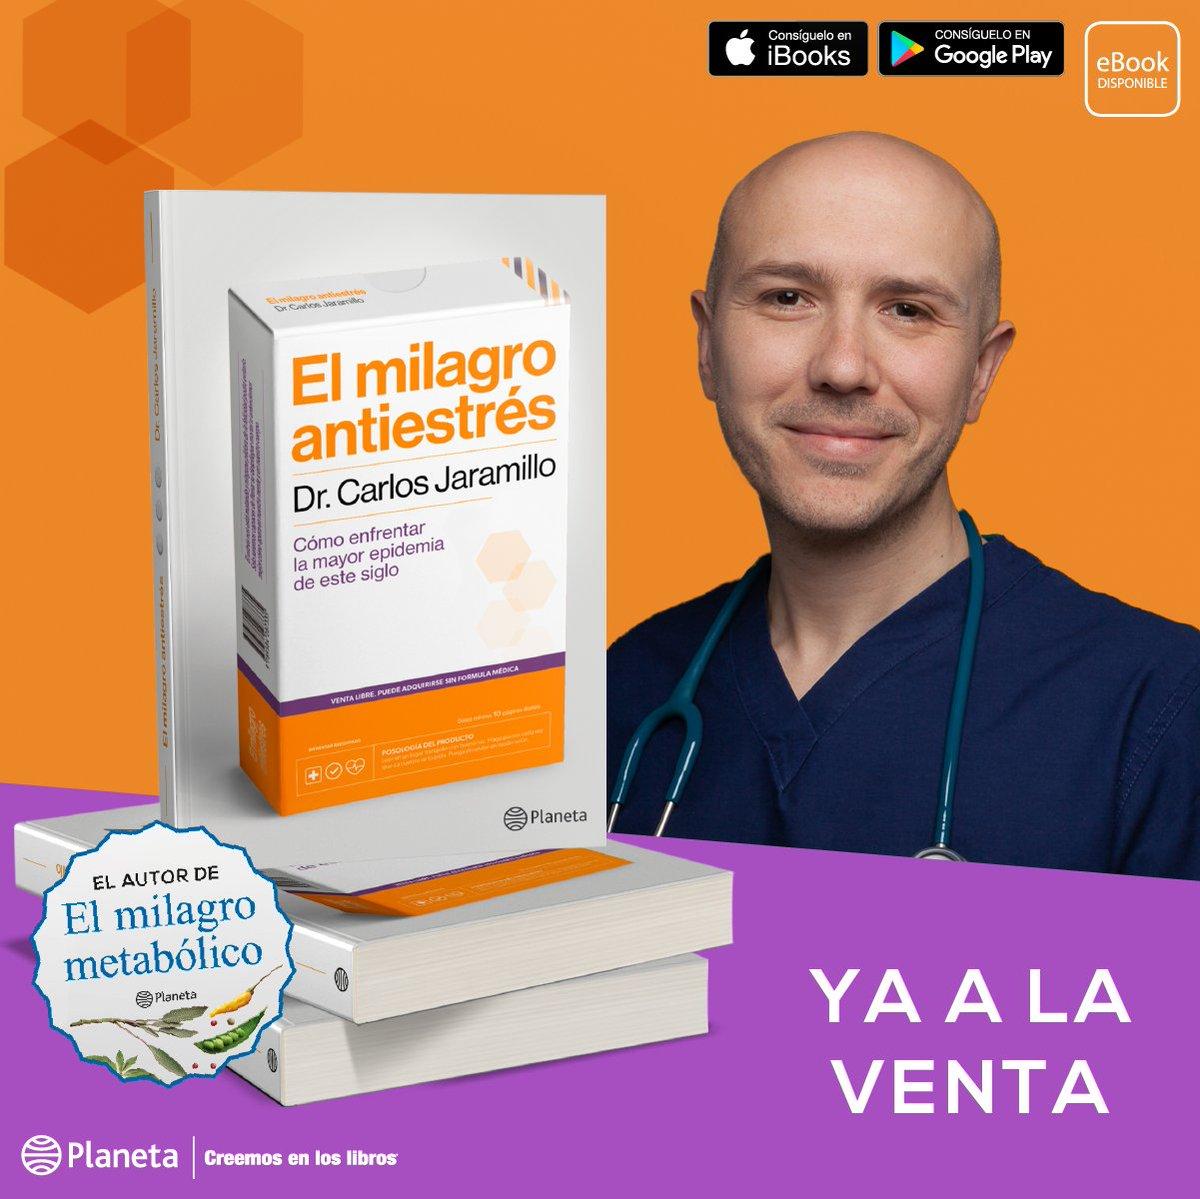 """En su nuevo libro, el fundador del Instituto de Medicina Funcional, explica la diferencia entre el estrés """"percibido"""" o emocional y nos invita a cambiar nuestro estilo de vida.   El milagro antiestrés del @drcjaramillo ya está en Chile. #KeepReadingEnCasa #CreemosEnLosLibros pic.twitter.com/h01fWPkT2a"""